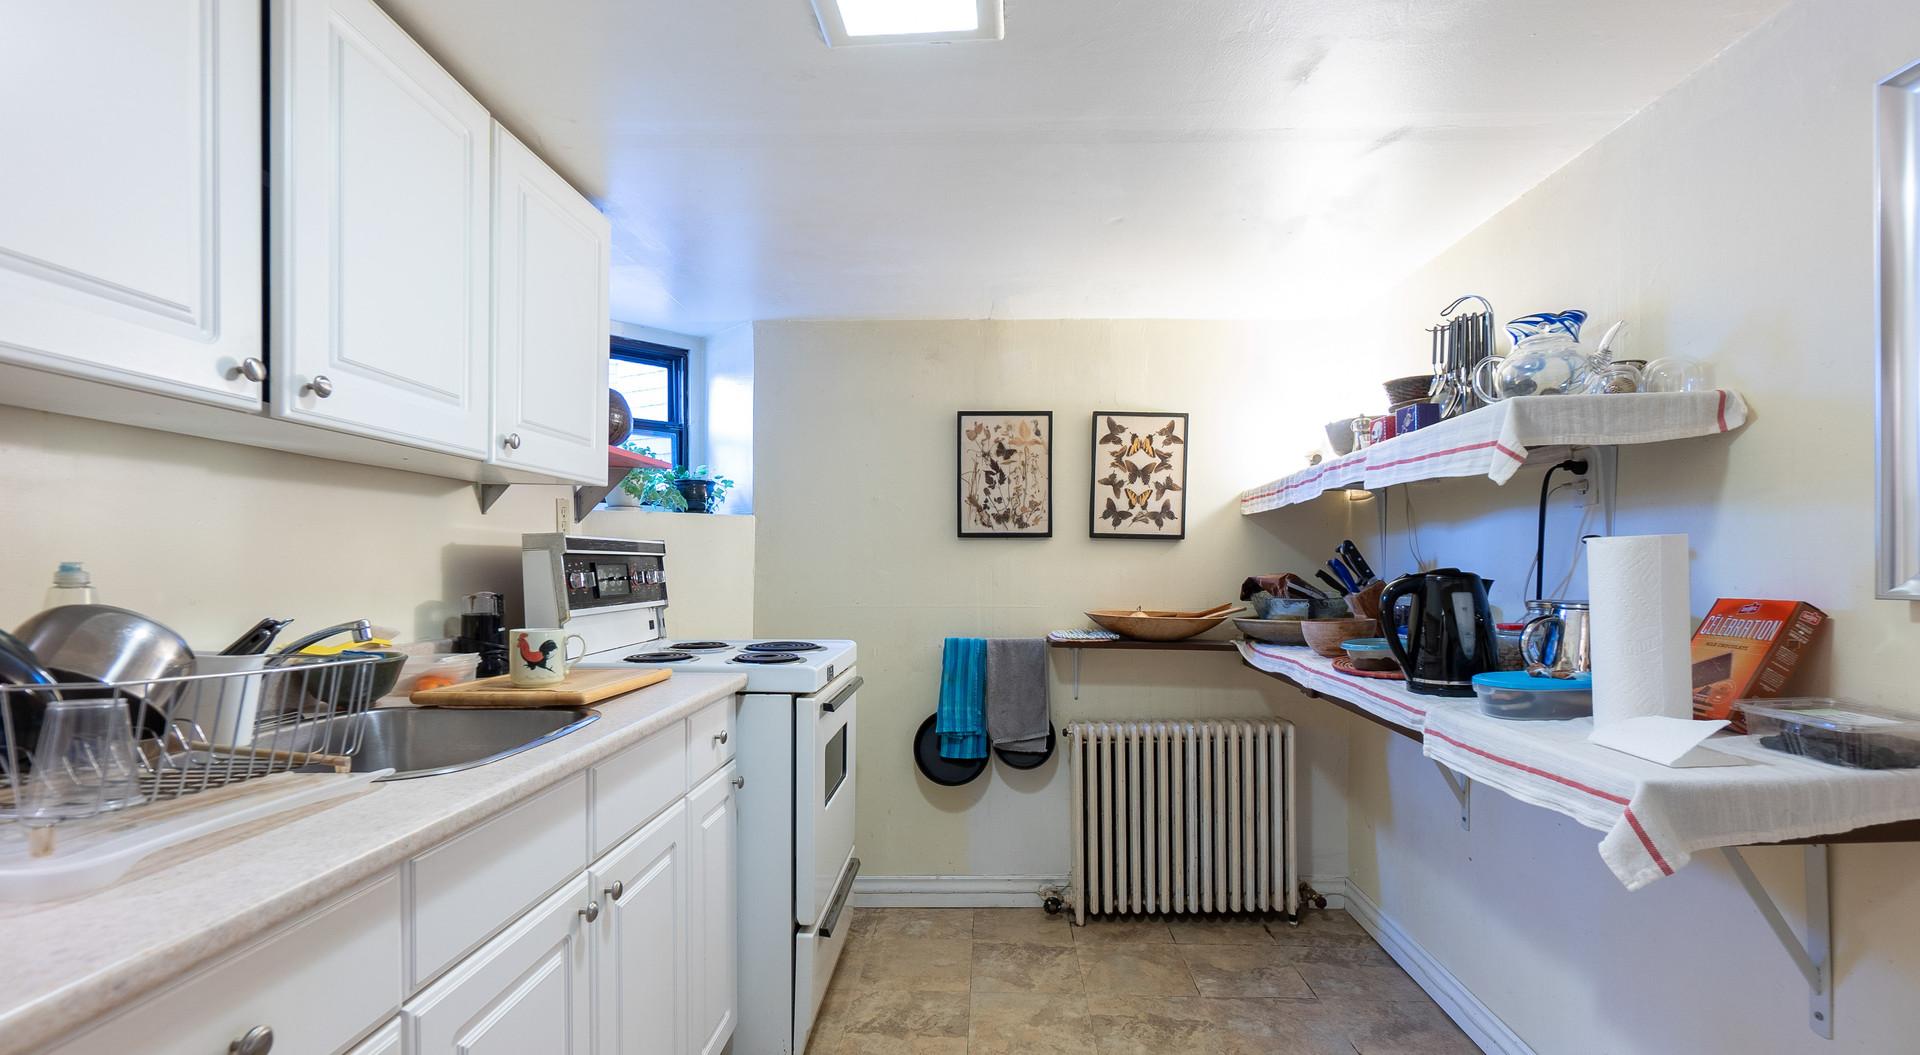 Basement kitchen2.jpg